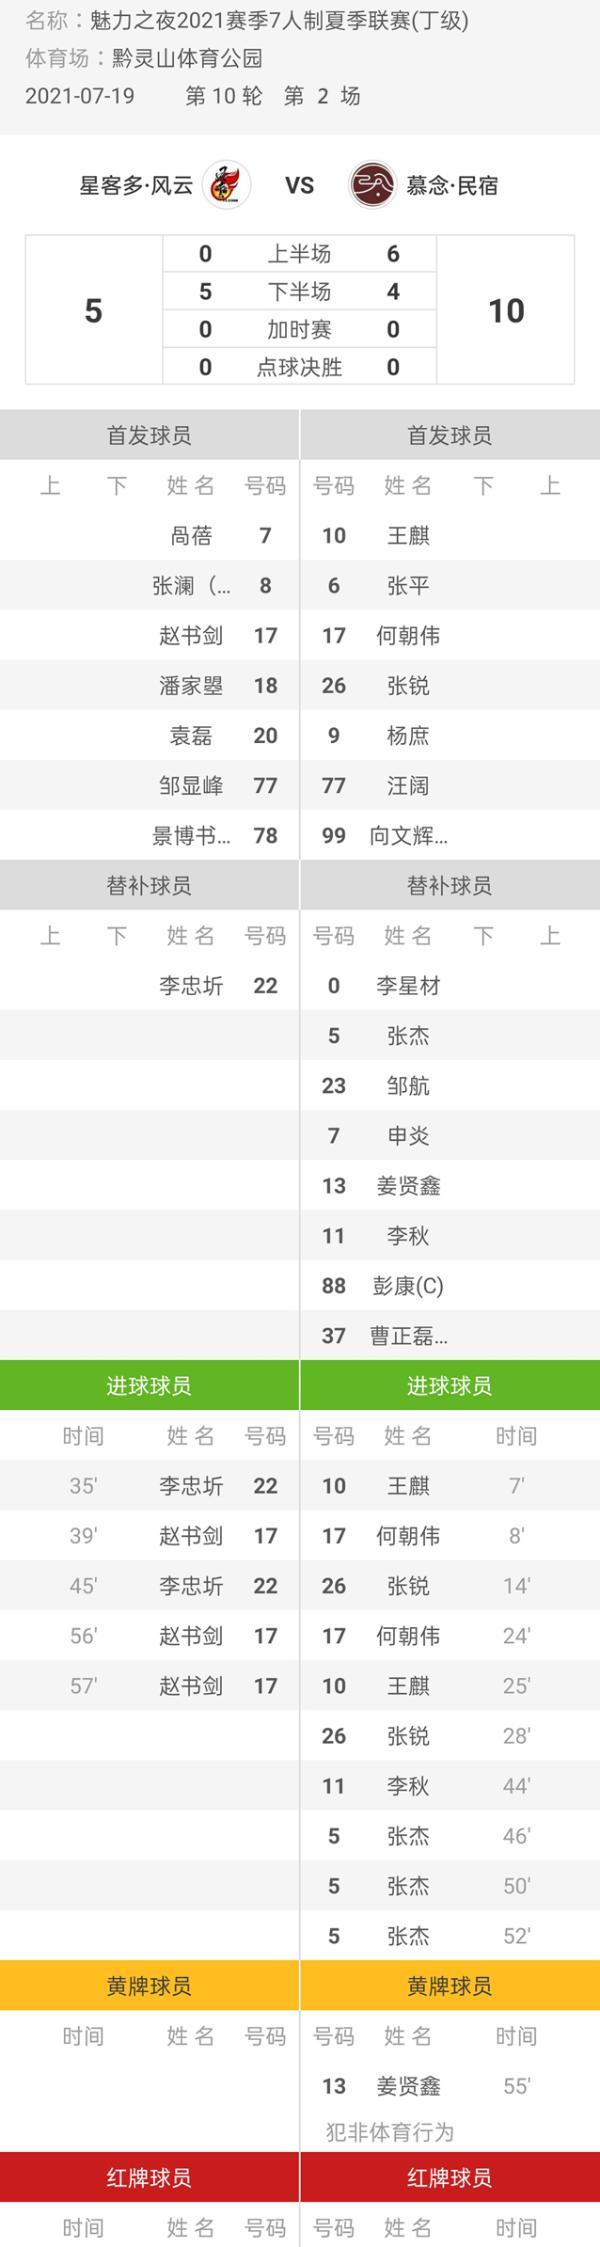 魅力之夜2021赛季7人制足球夏季联赛 风云5-10慕念·民宿